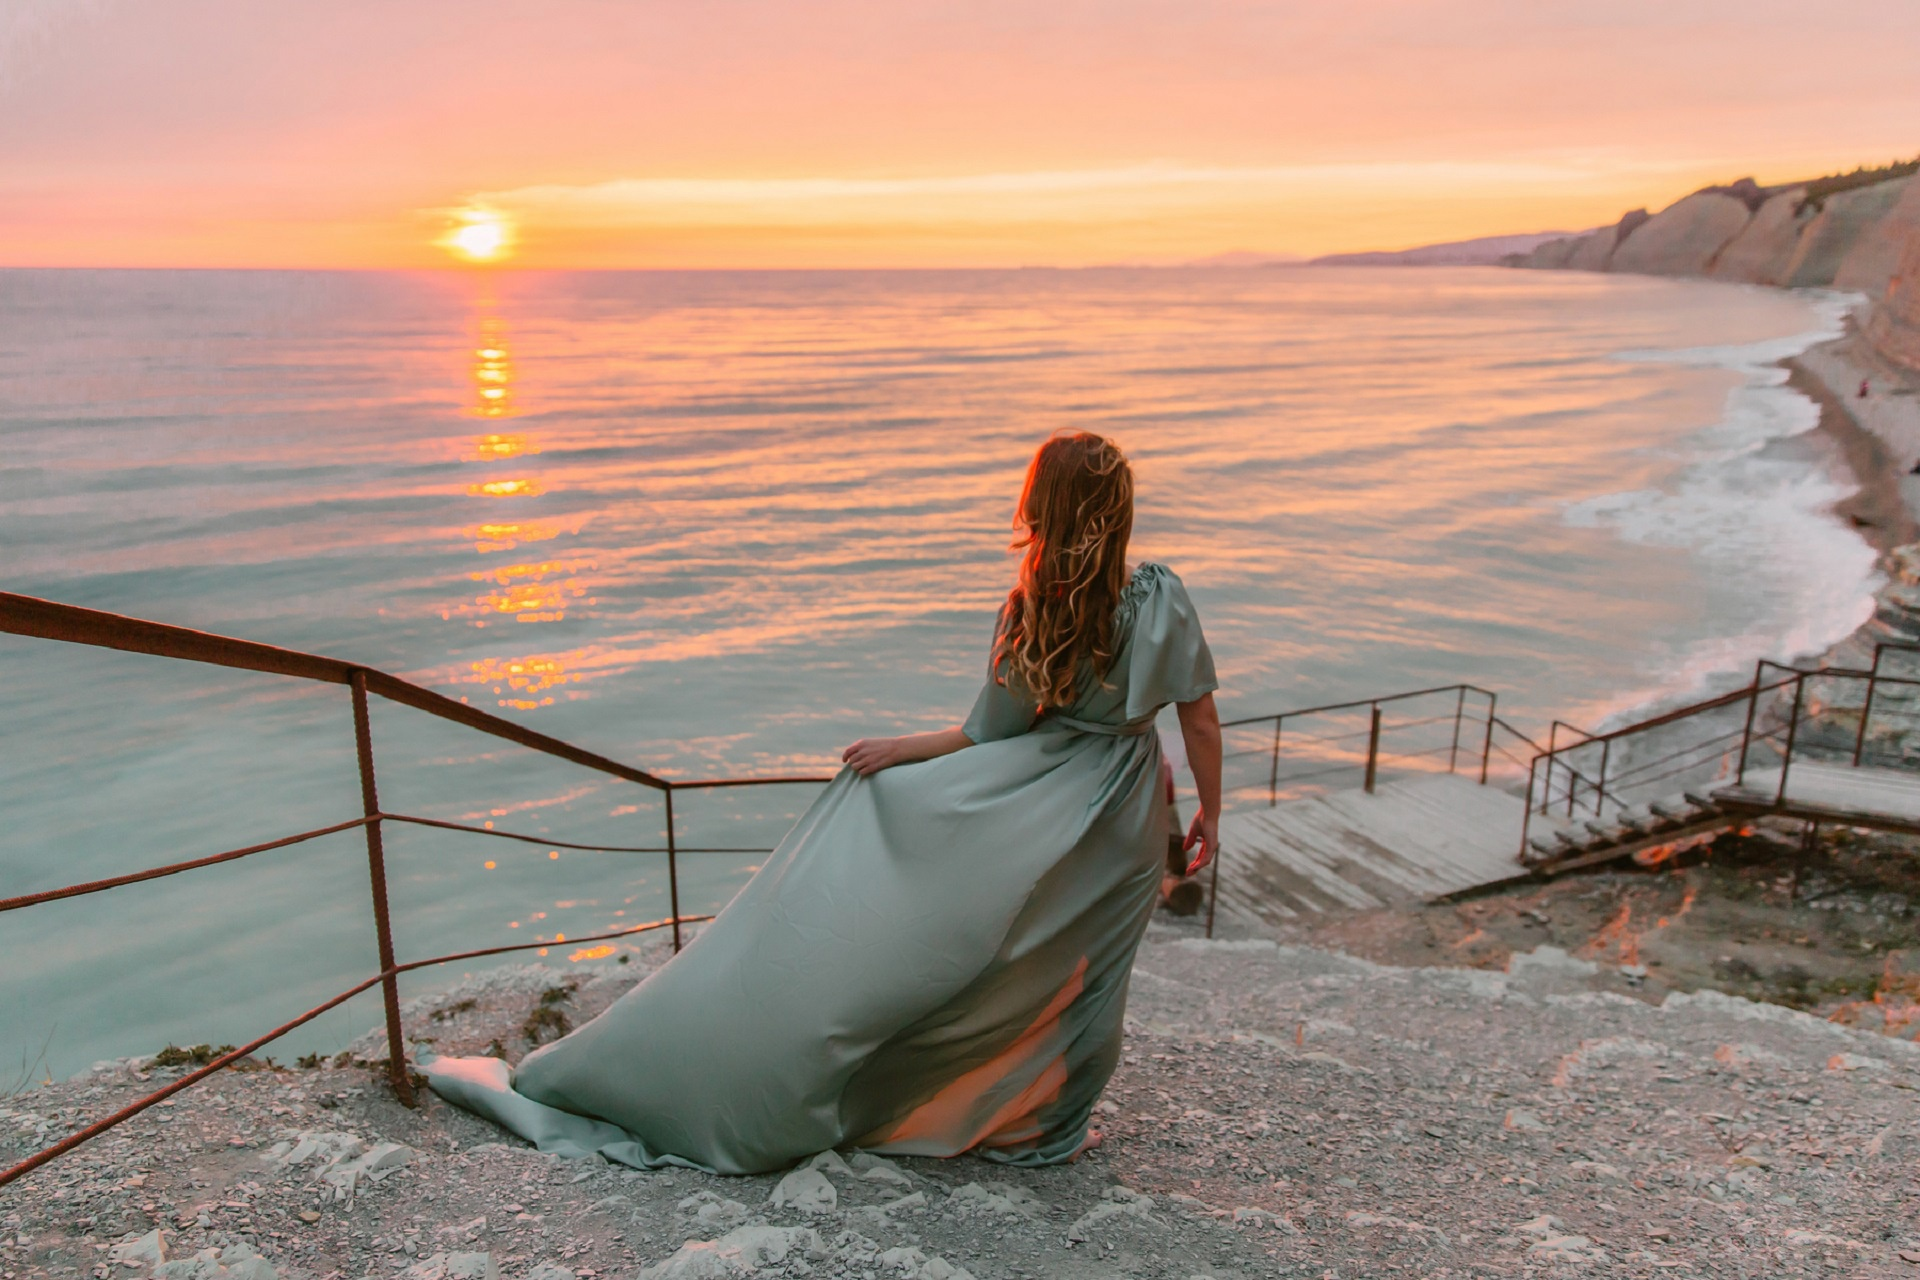 Картинка девушка ждущая у моря